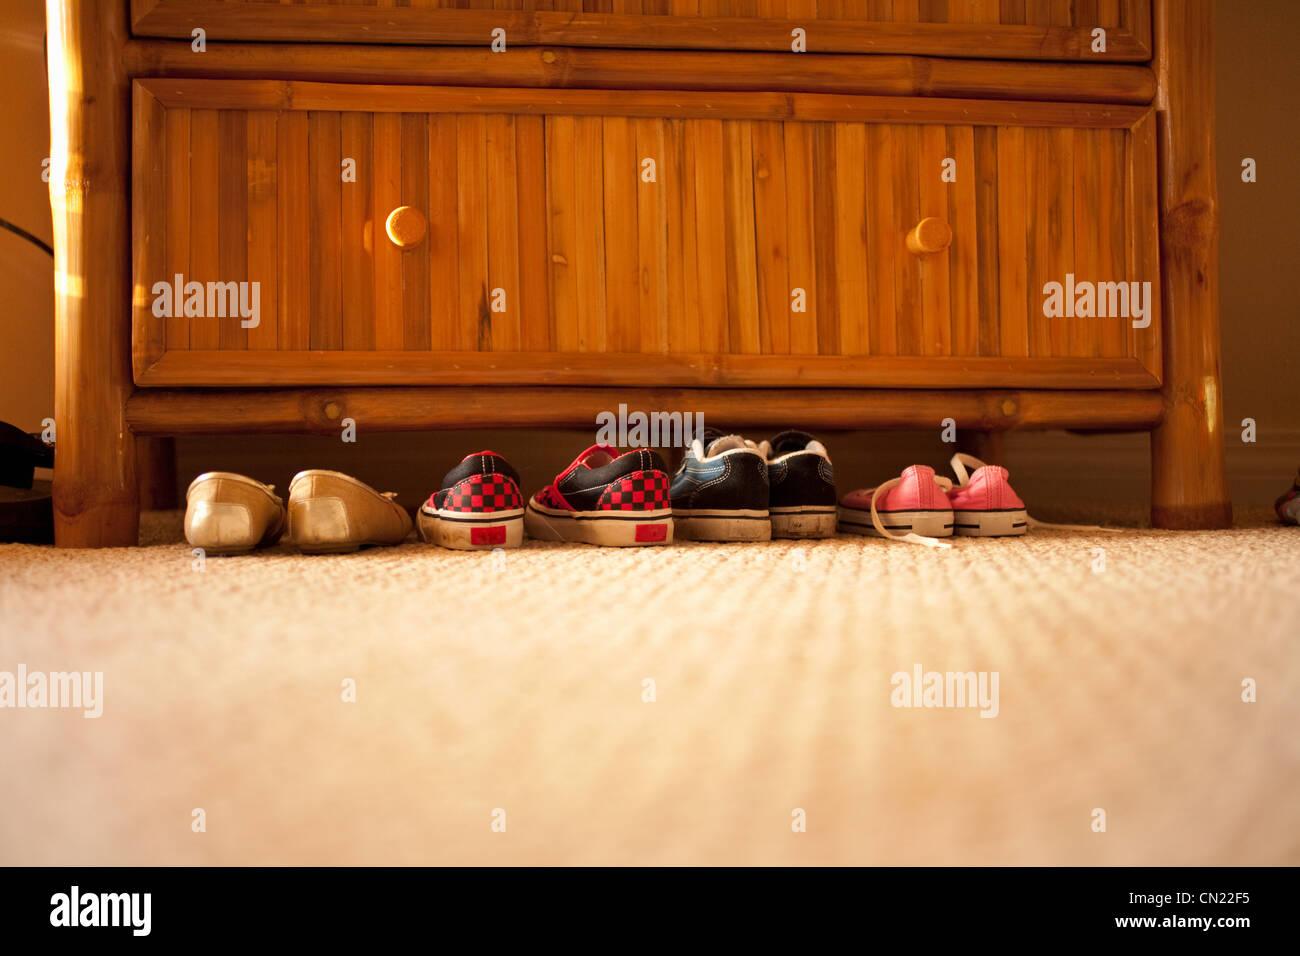 Paires de chaussures sous poitrine de tiroirs Photo Stock